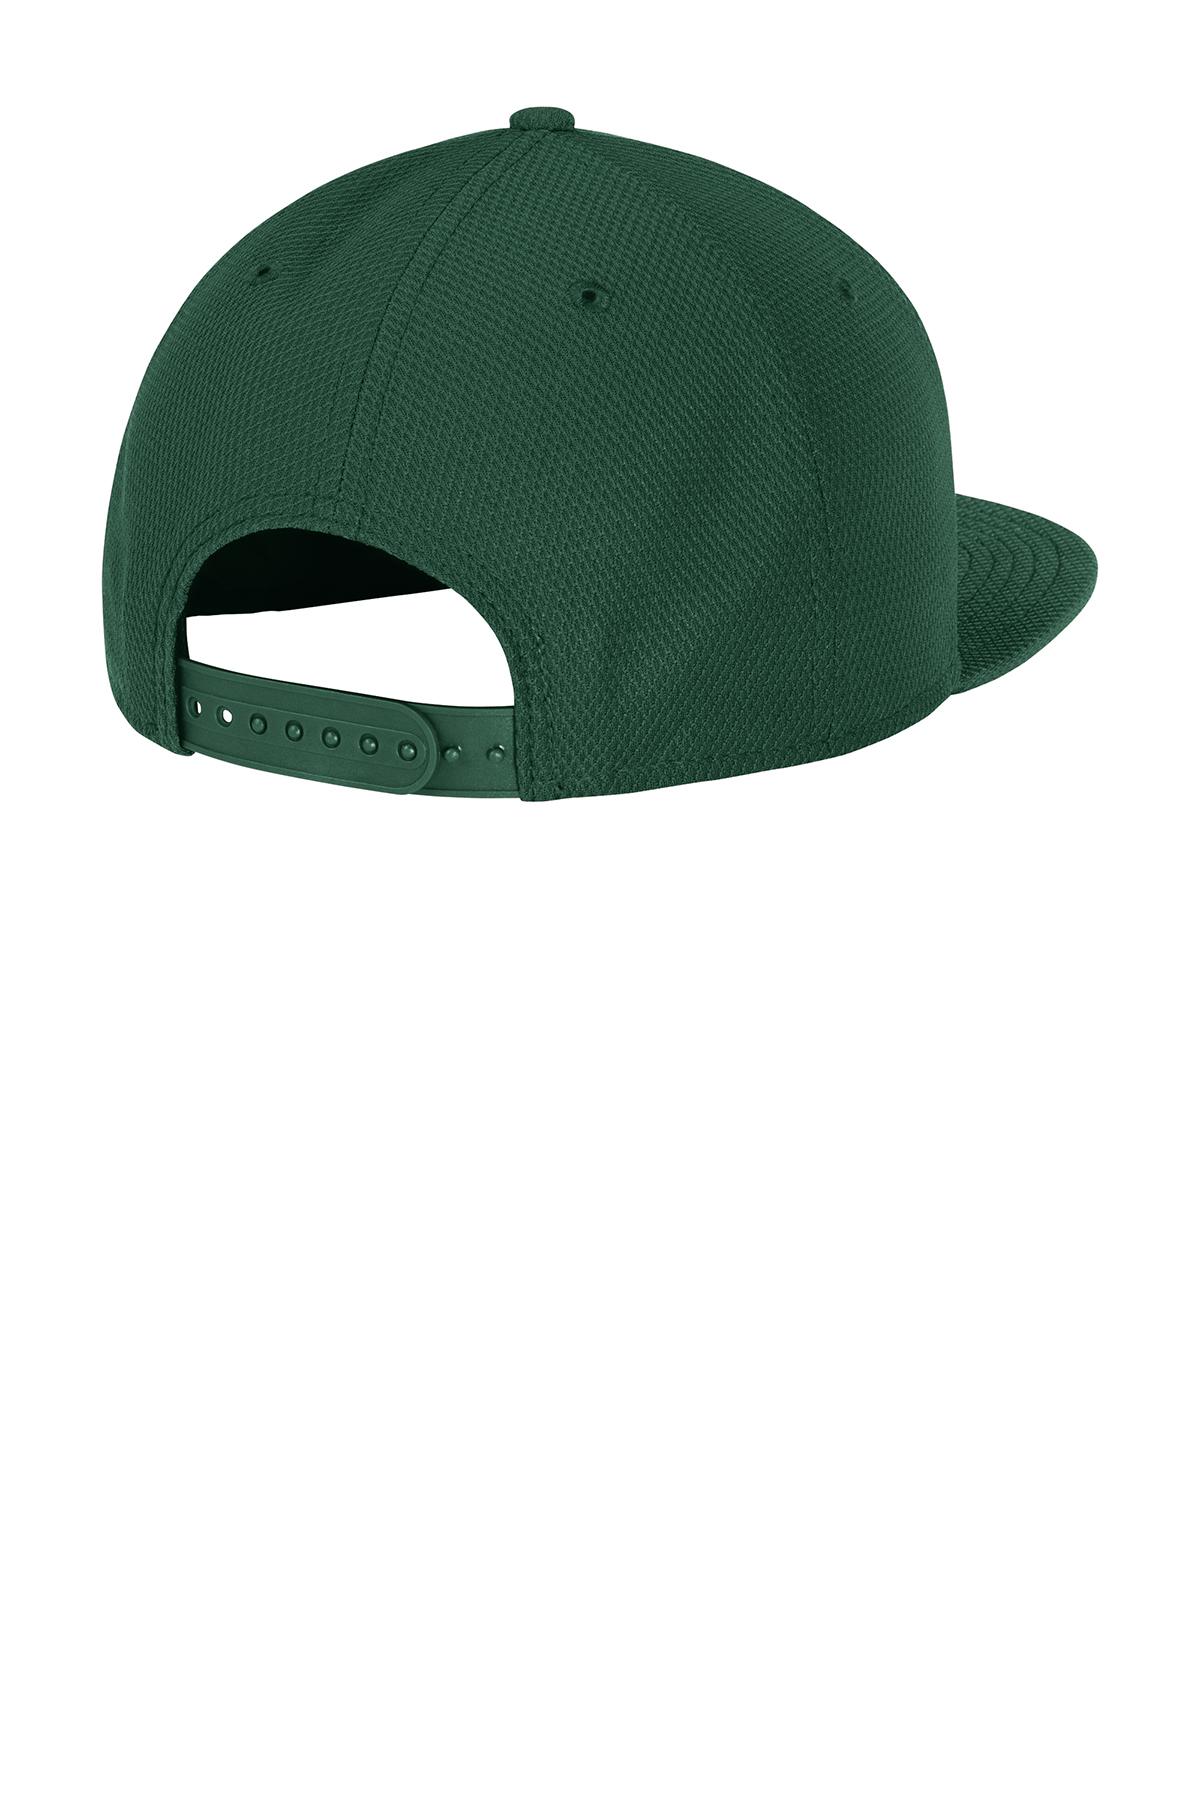 006f230942e9f New Era® Original Fit Diamond Era Flat Bill Snapback Cap